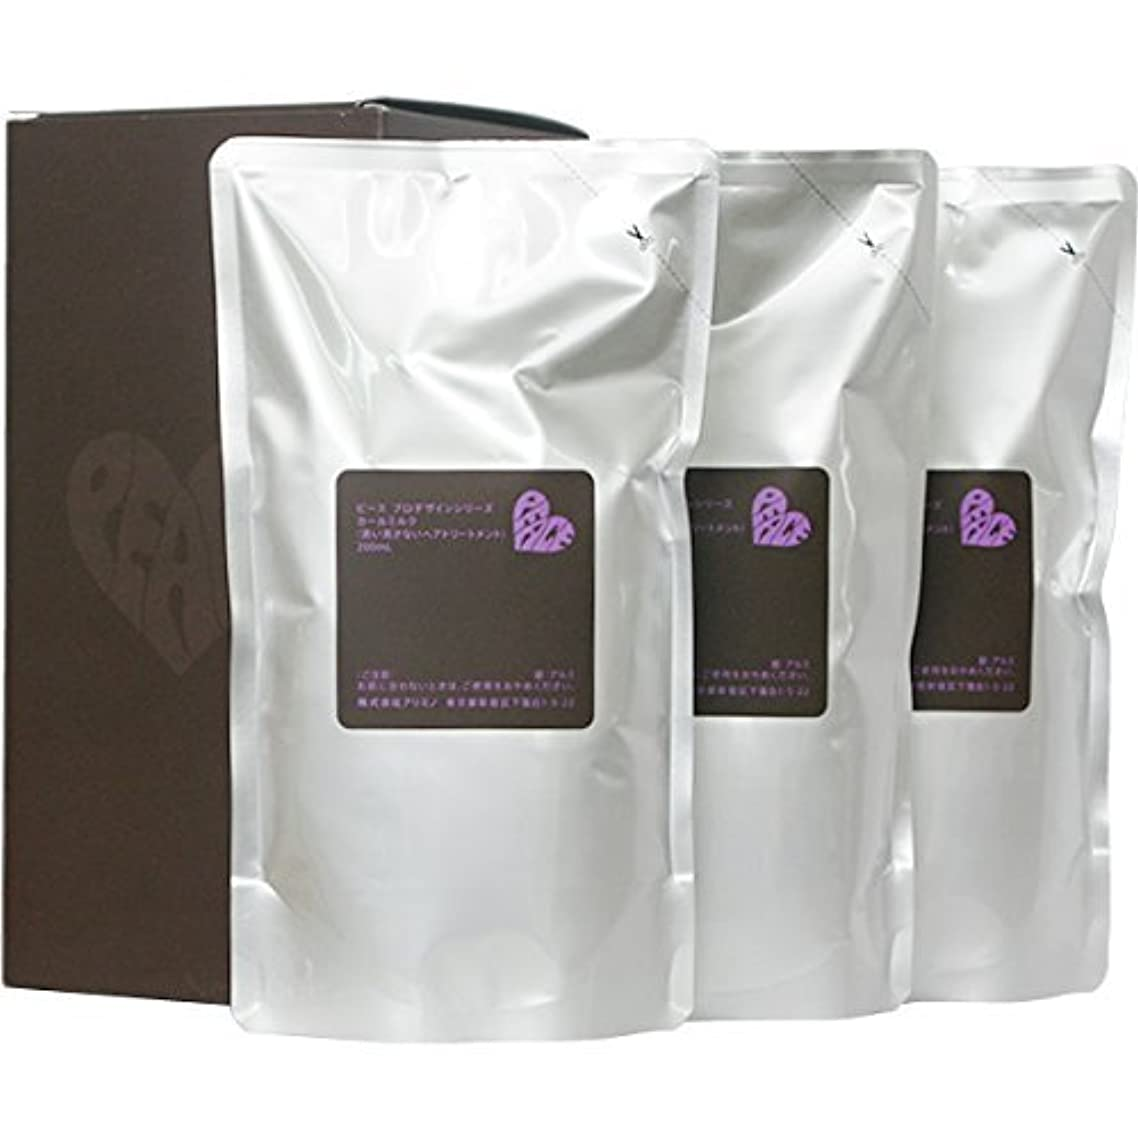 シャンプー氏ドループピース プロデザインシリーズ カールミルク チョコ リフィル 200ml×3